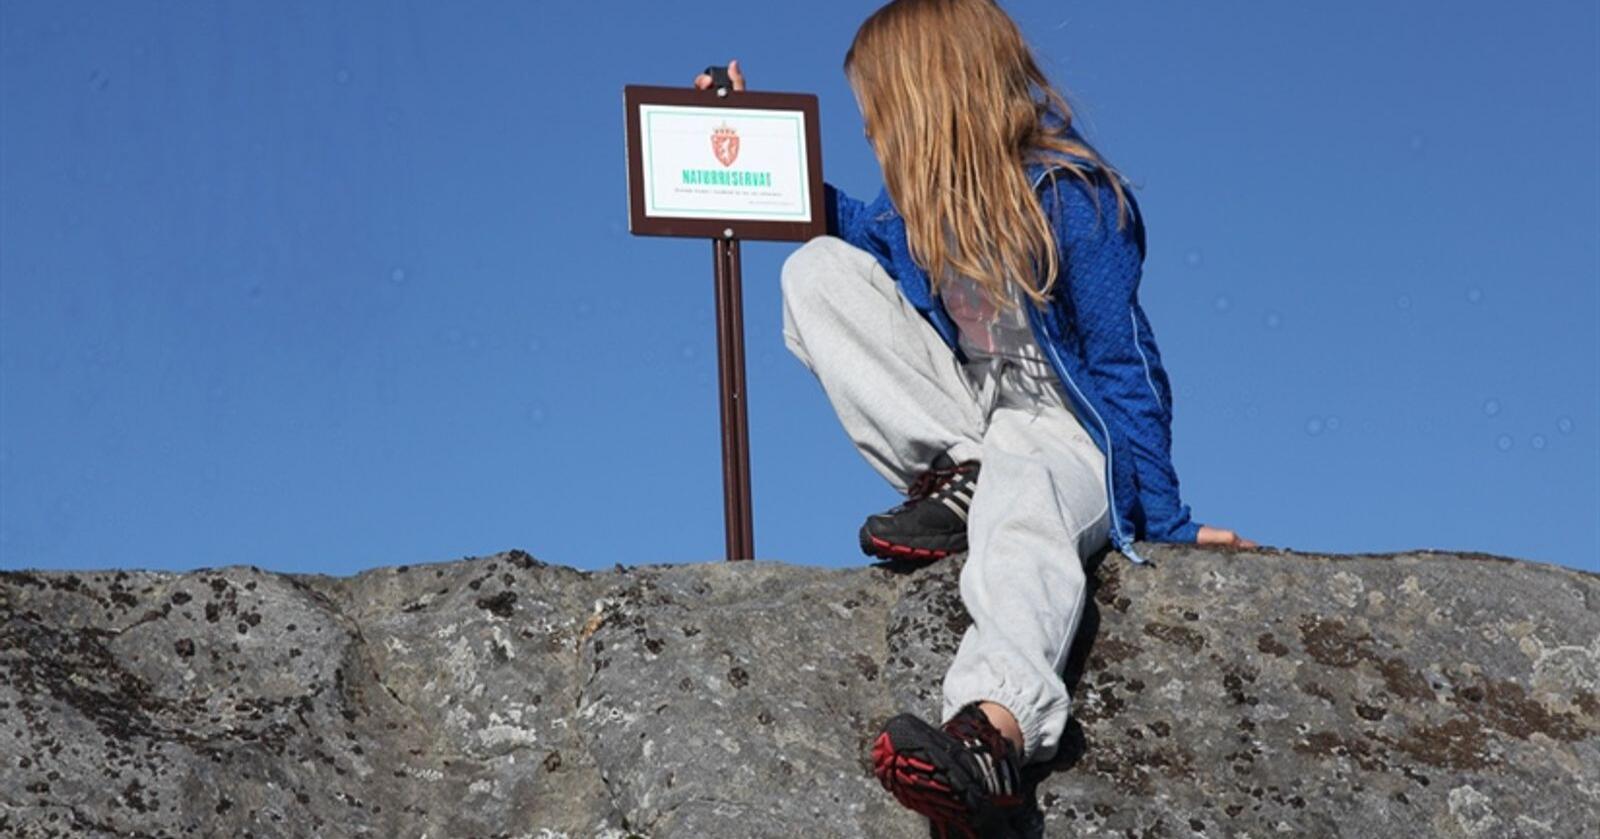 Verneverdier i nasjonalparker er i første rekke naturverdier knyttet til urørthet.Foto: Vegard Gundersen / NINA